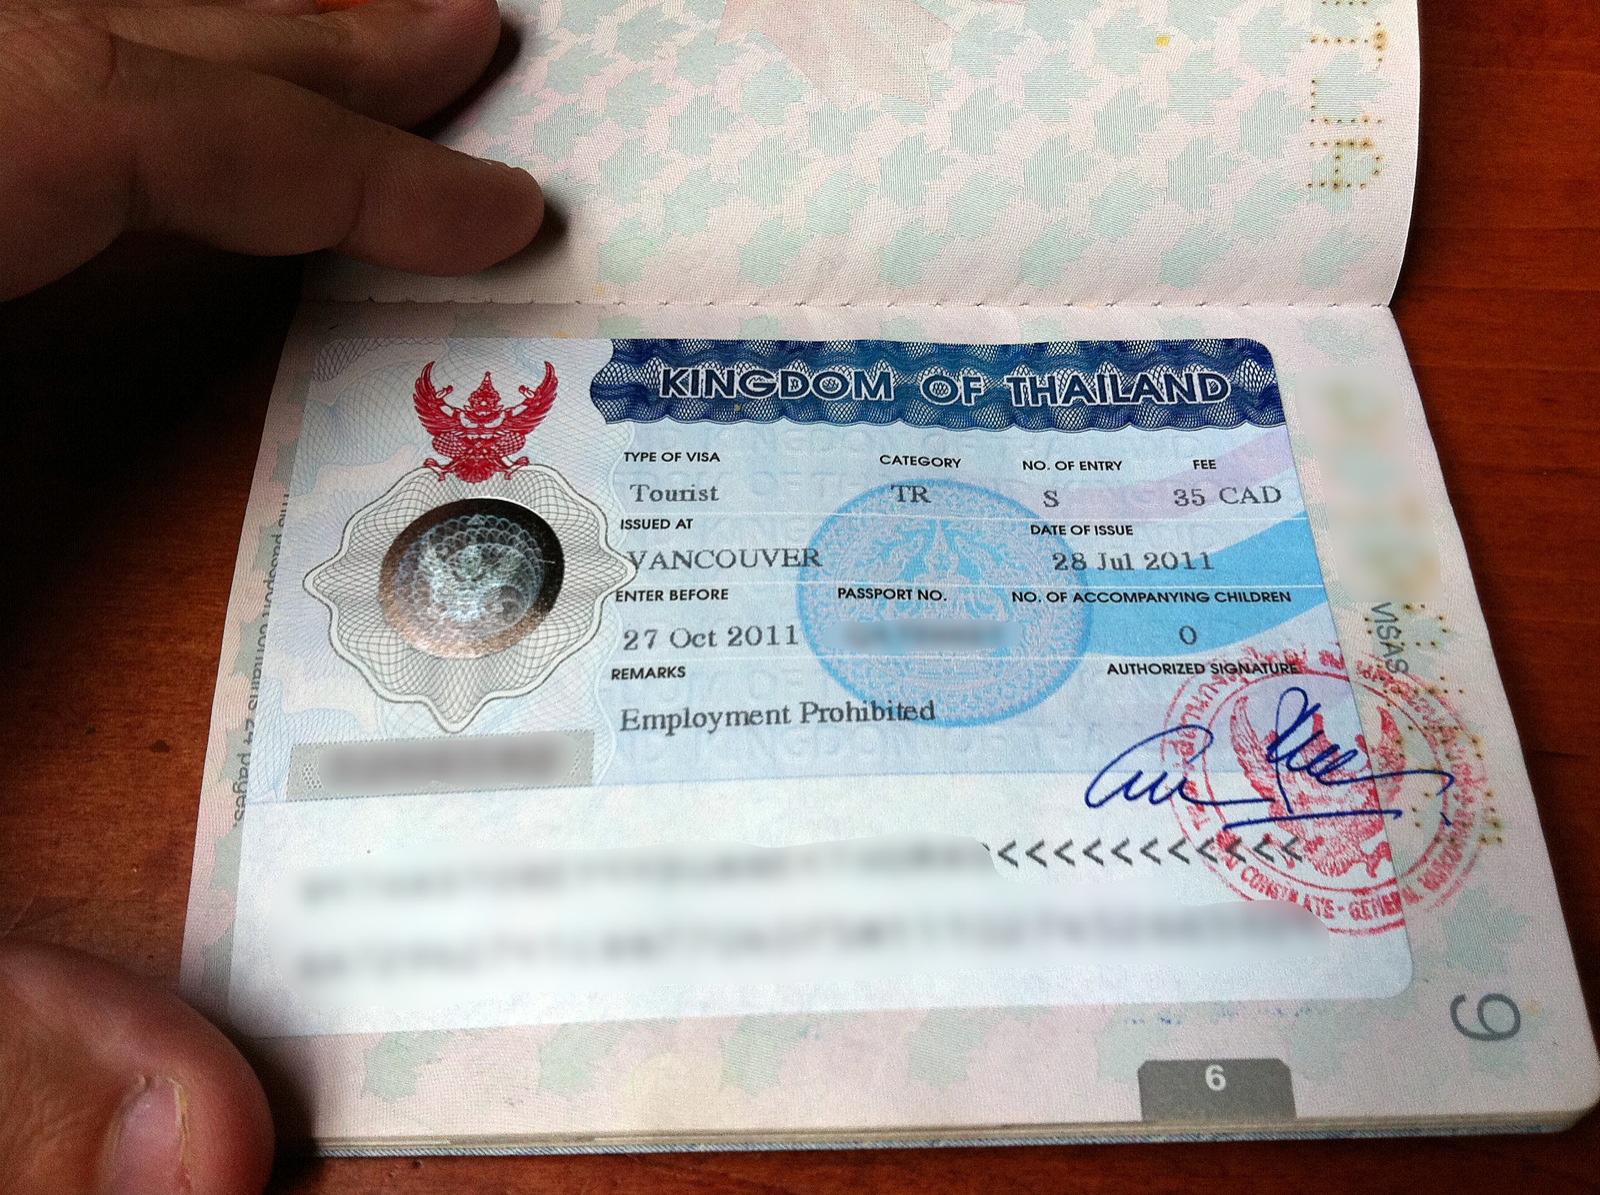 Le visa électronique thaïlandais va être mis à l'essai dans quatre pays avant la fin de l'année